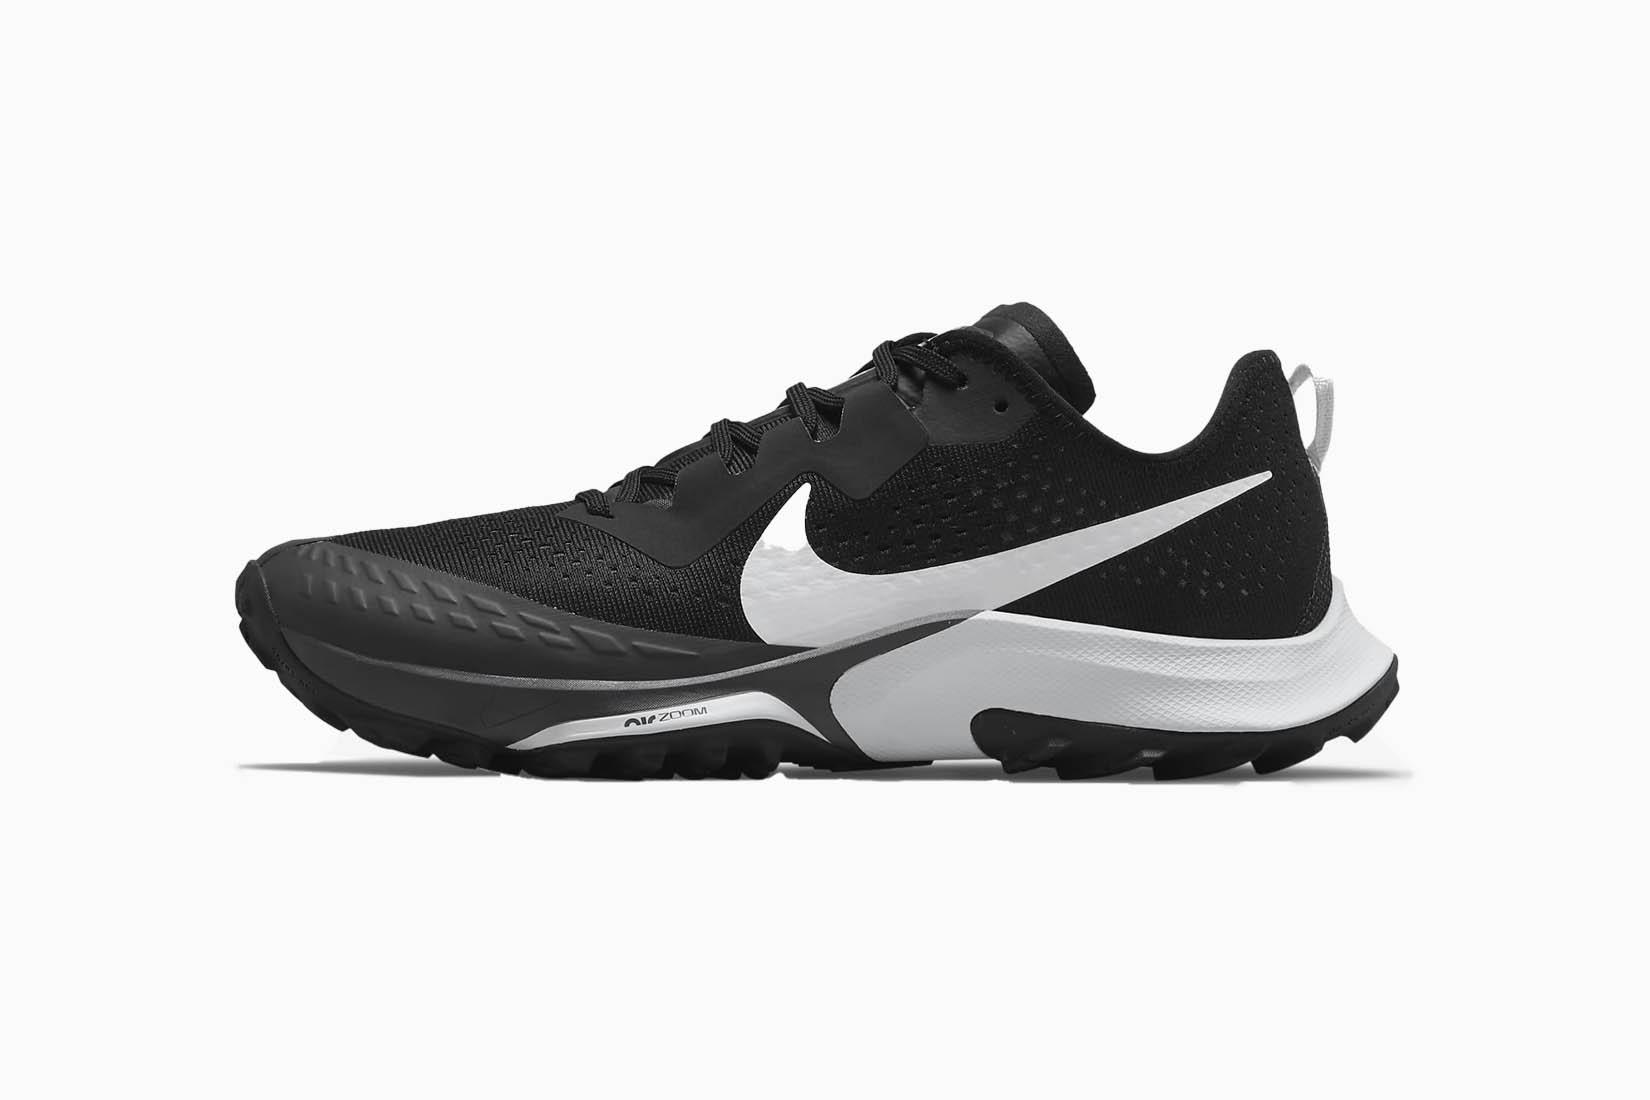 best nike running shoes men nike air zoom terra kiger 7 review Luxe Digital